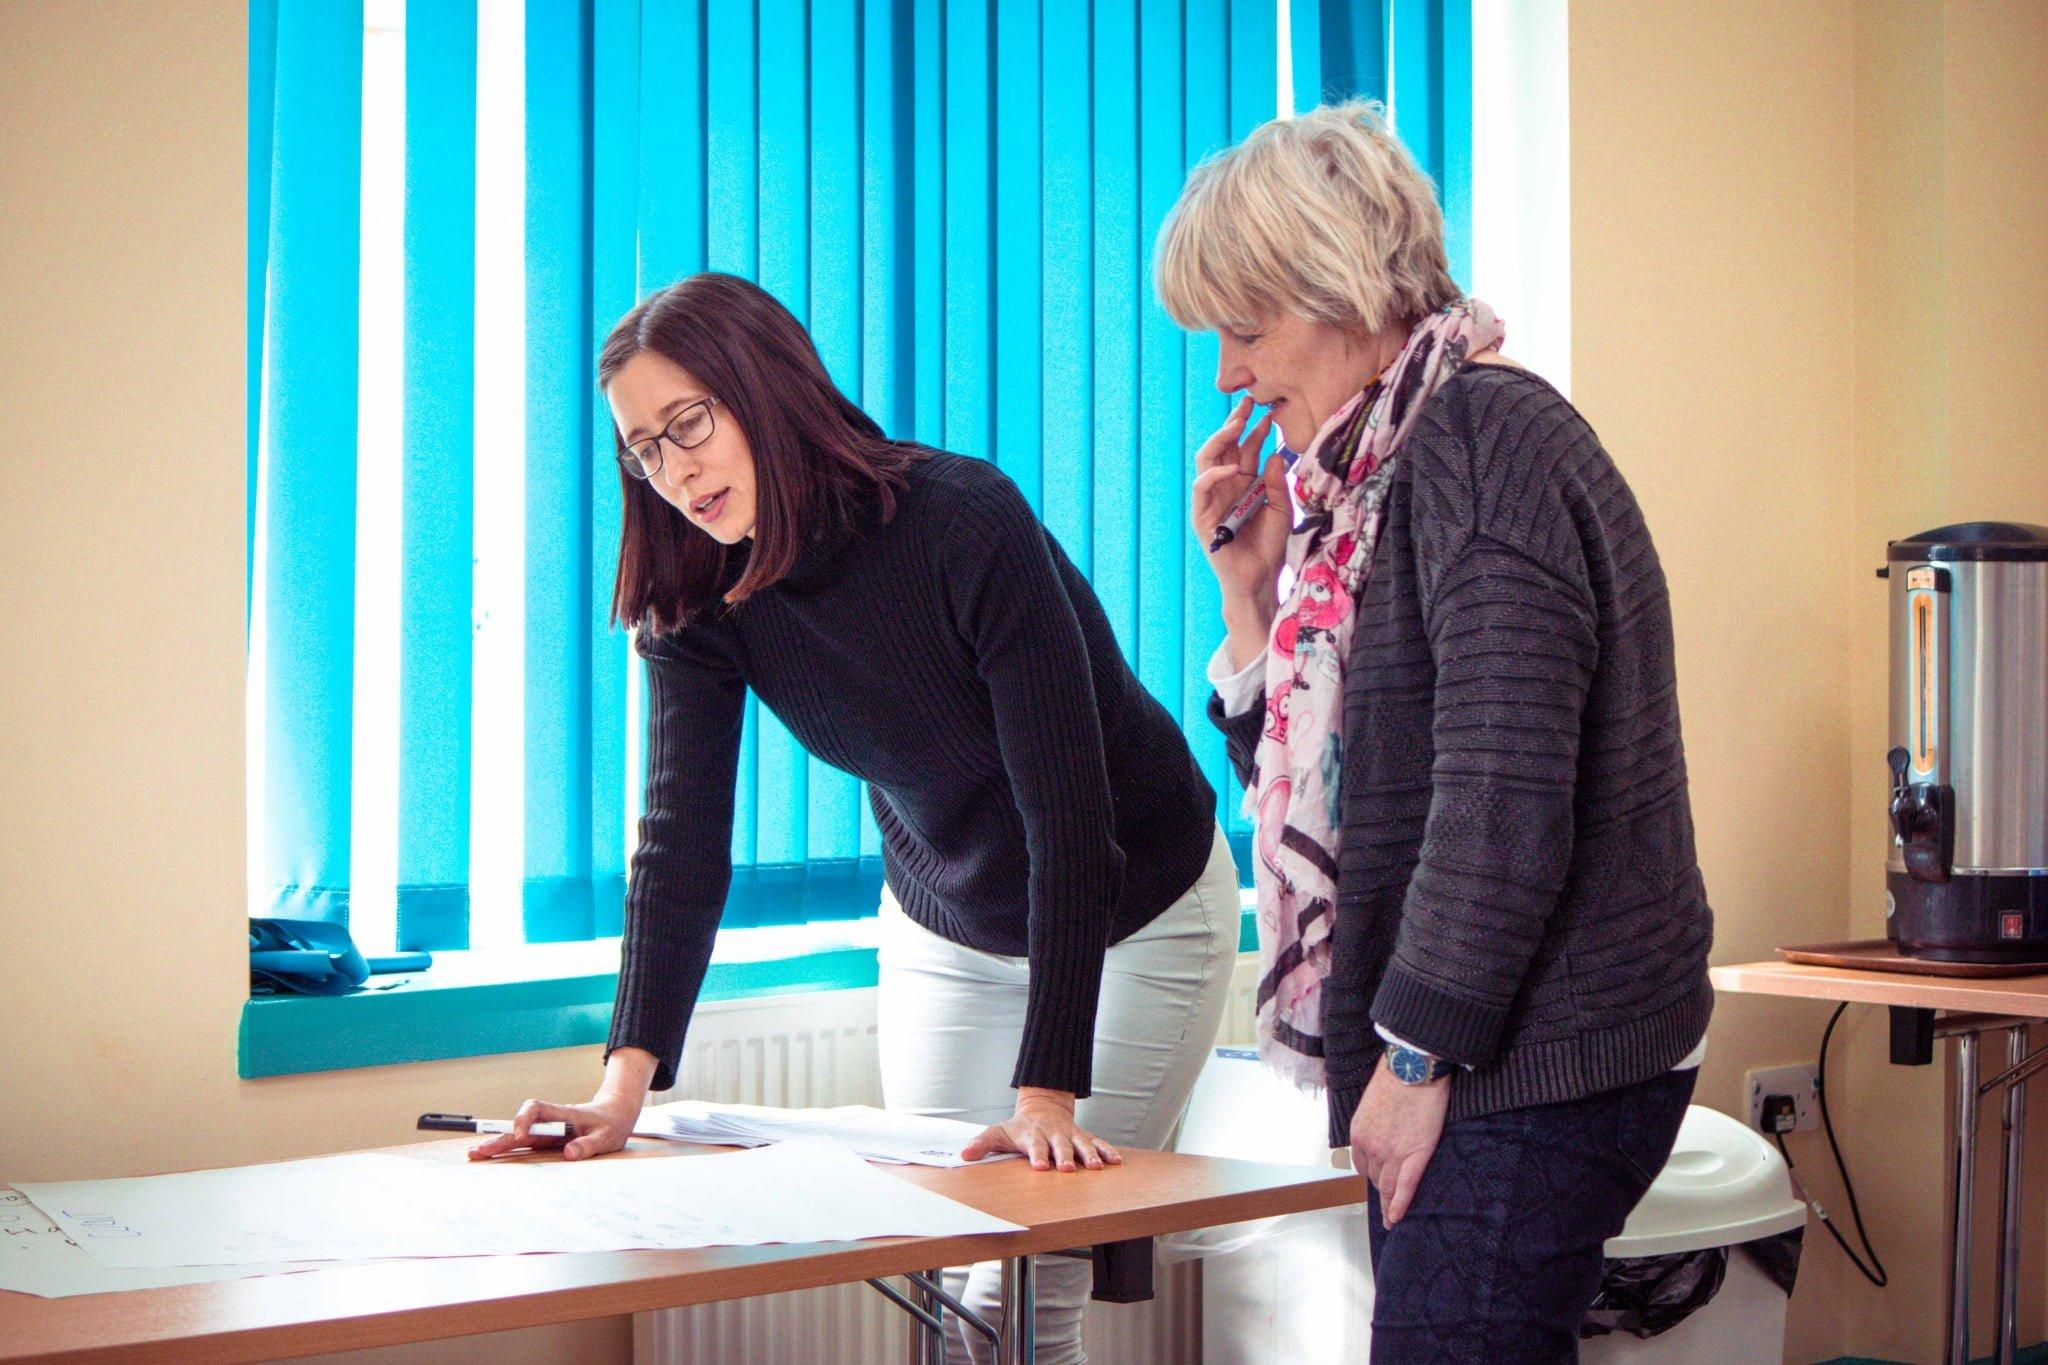 Specialist Study Skills Tutors